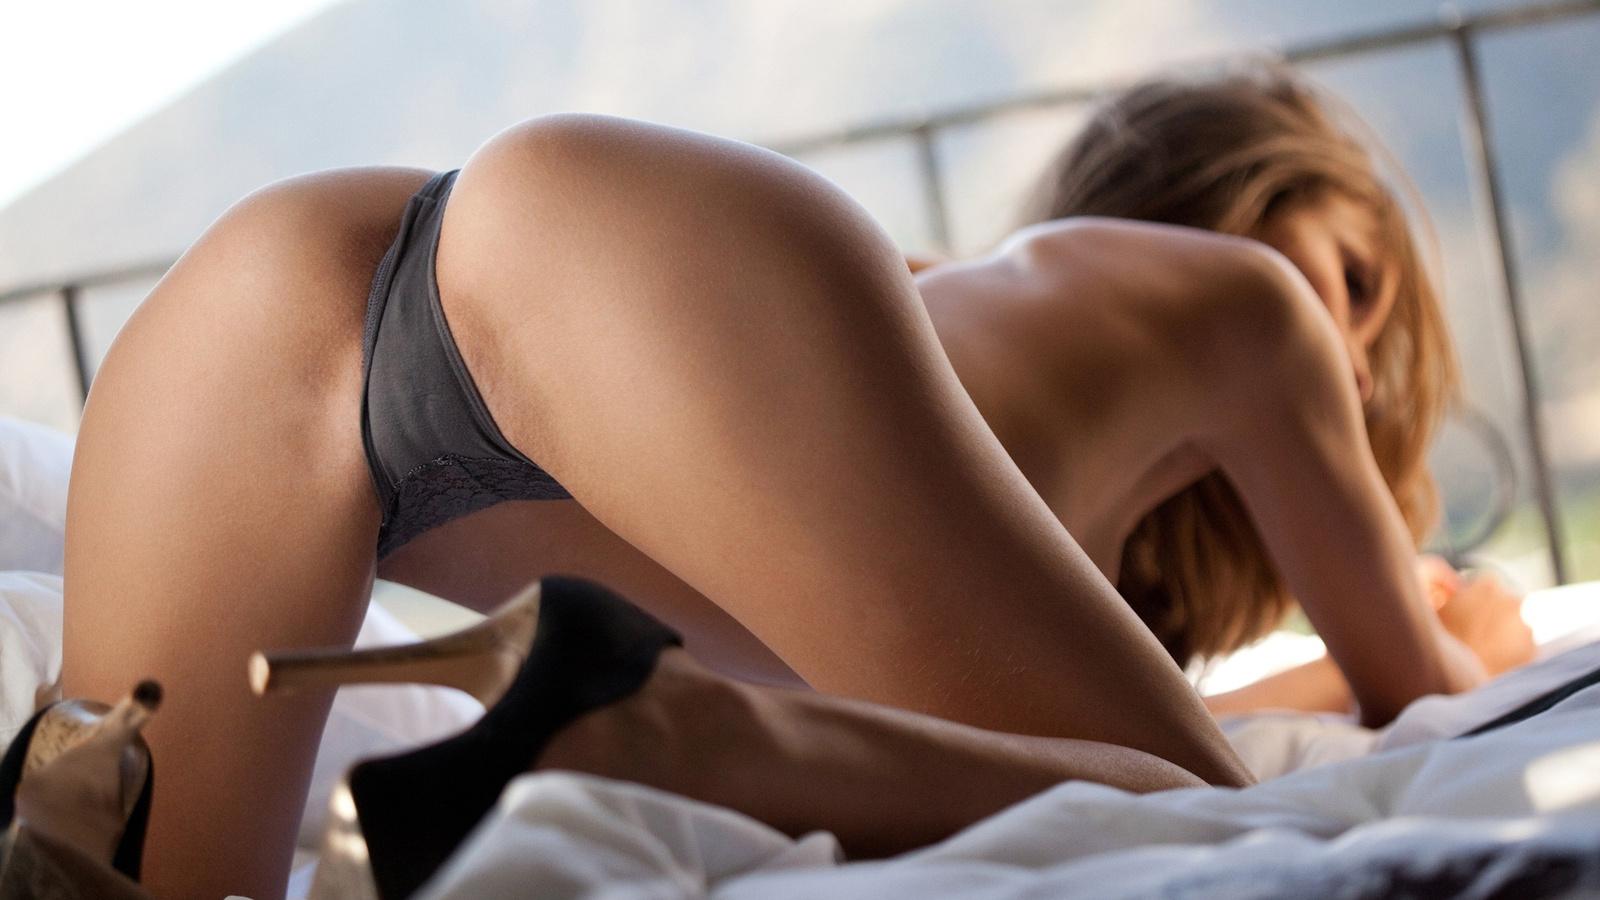 Самые эротичные позы девушек, Самые лучшие позы для секса и камасутры - показываем 25 фотография